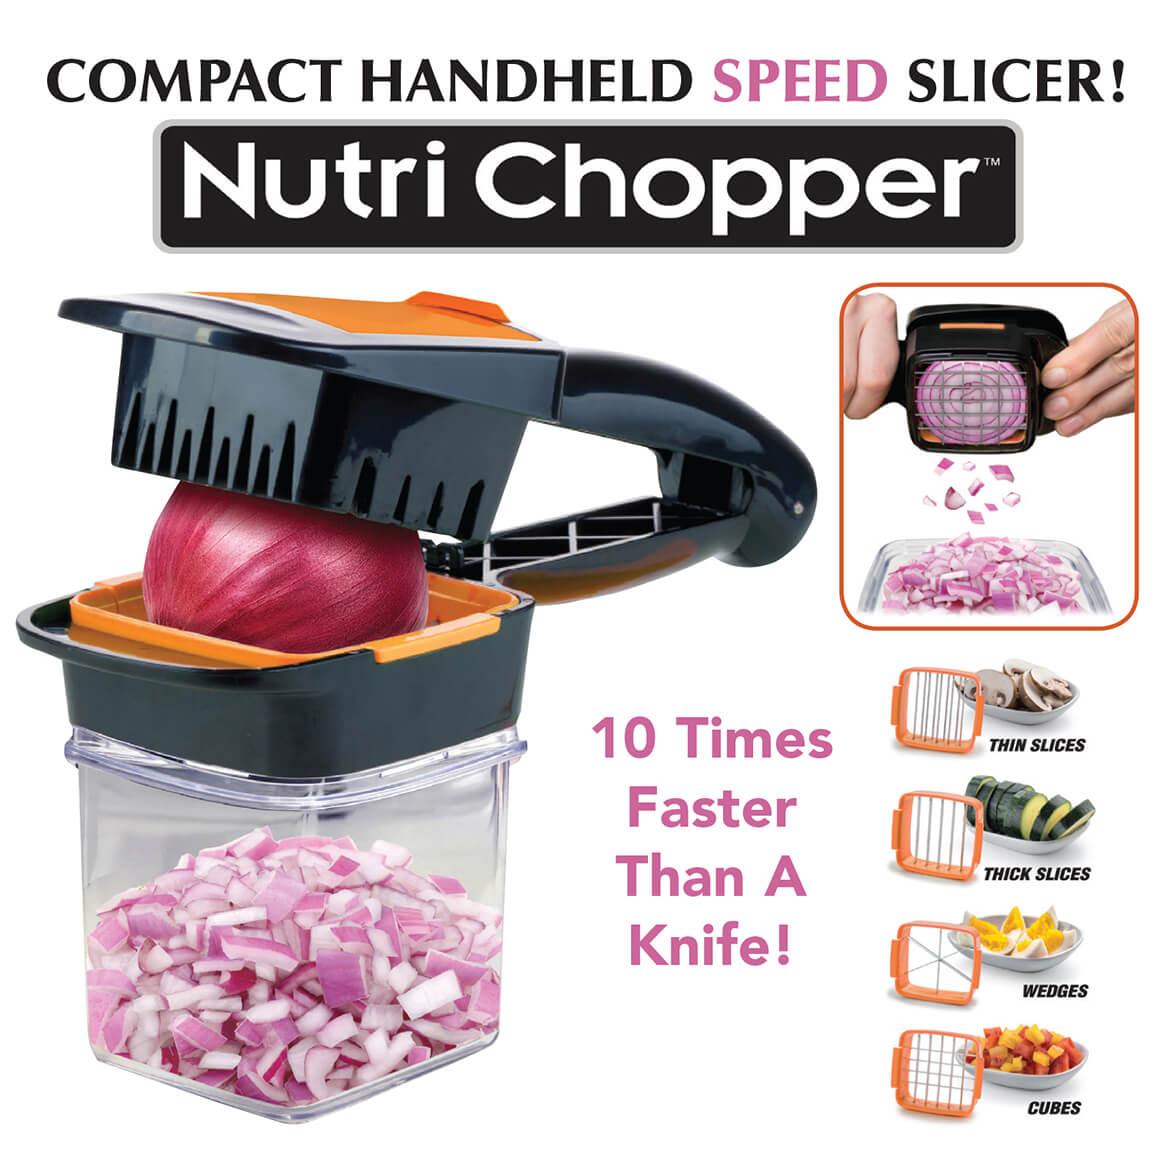 Nutri Chopper™-369715